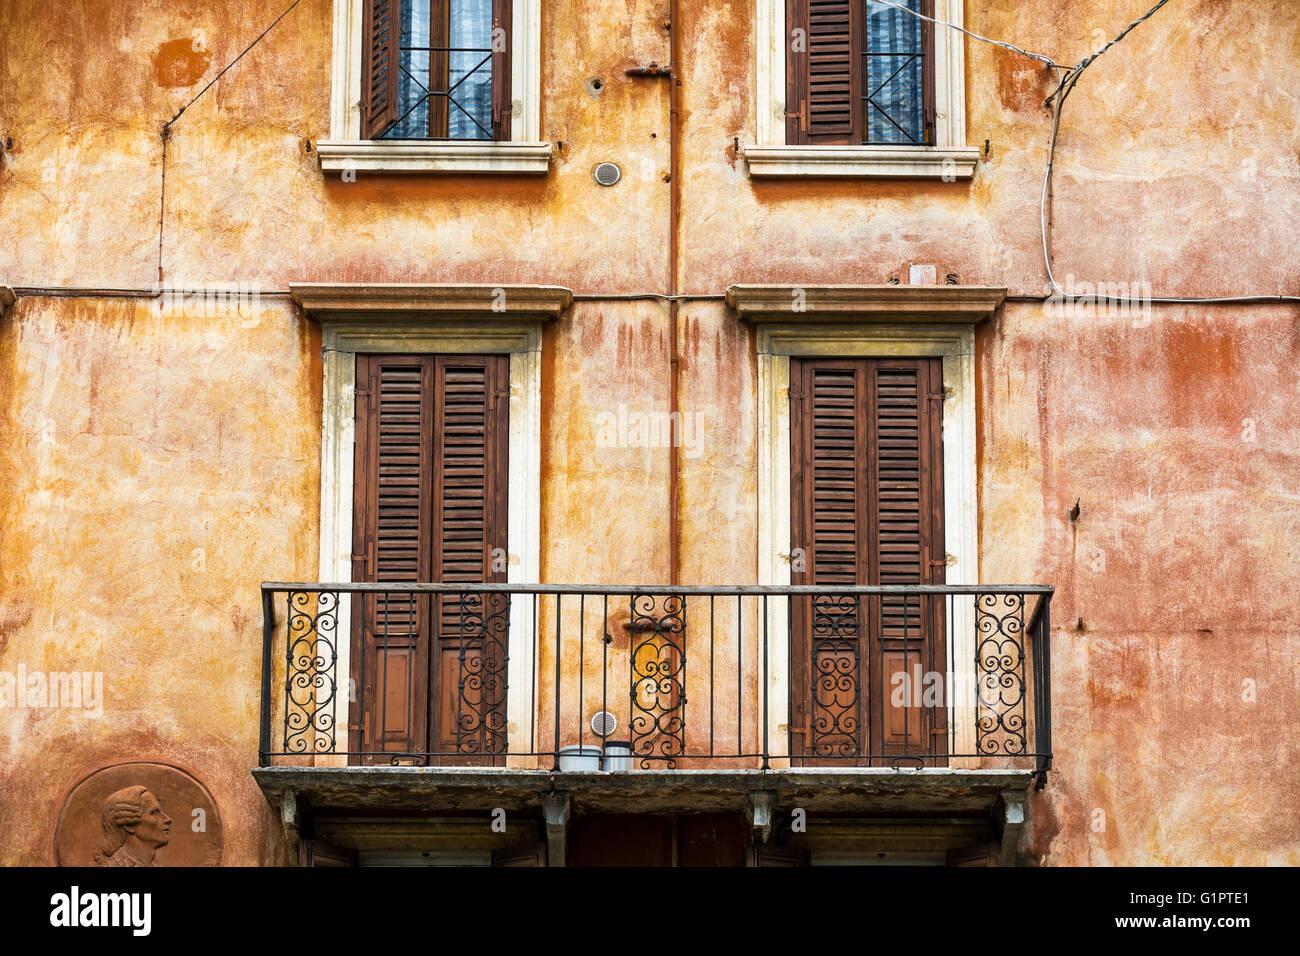 Balcony in Verona Italy - Stock Image